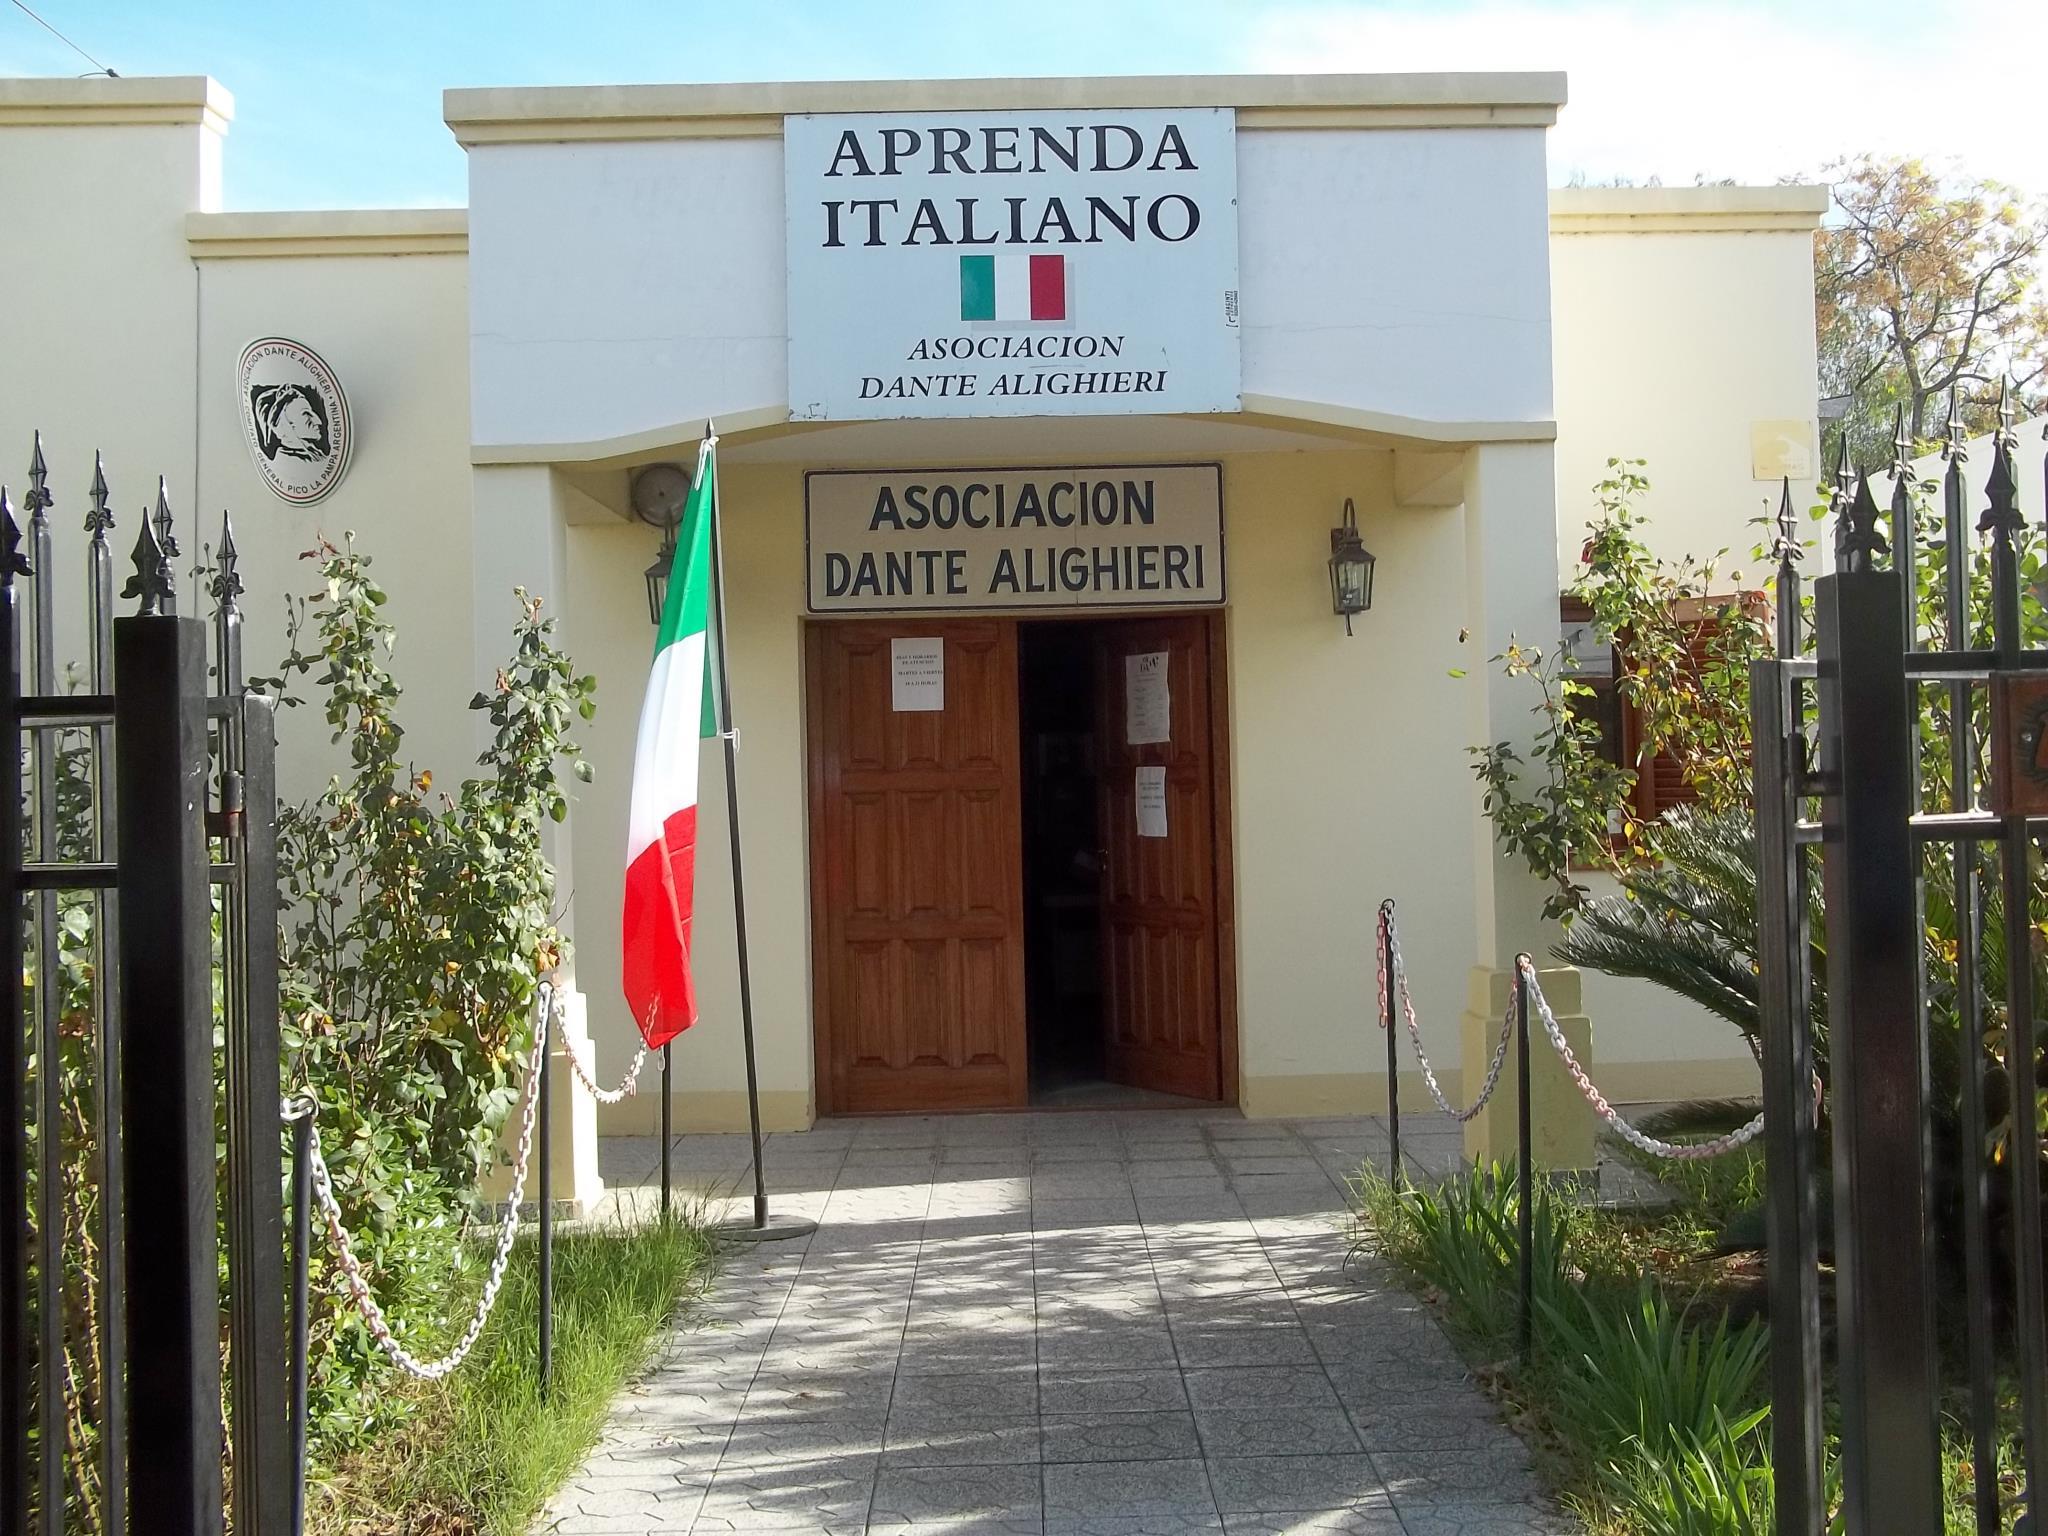 Excelente oportunidad para aprender Italiano, la Dante Alighieri comenzó con las inscripciones en General Pico